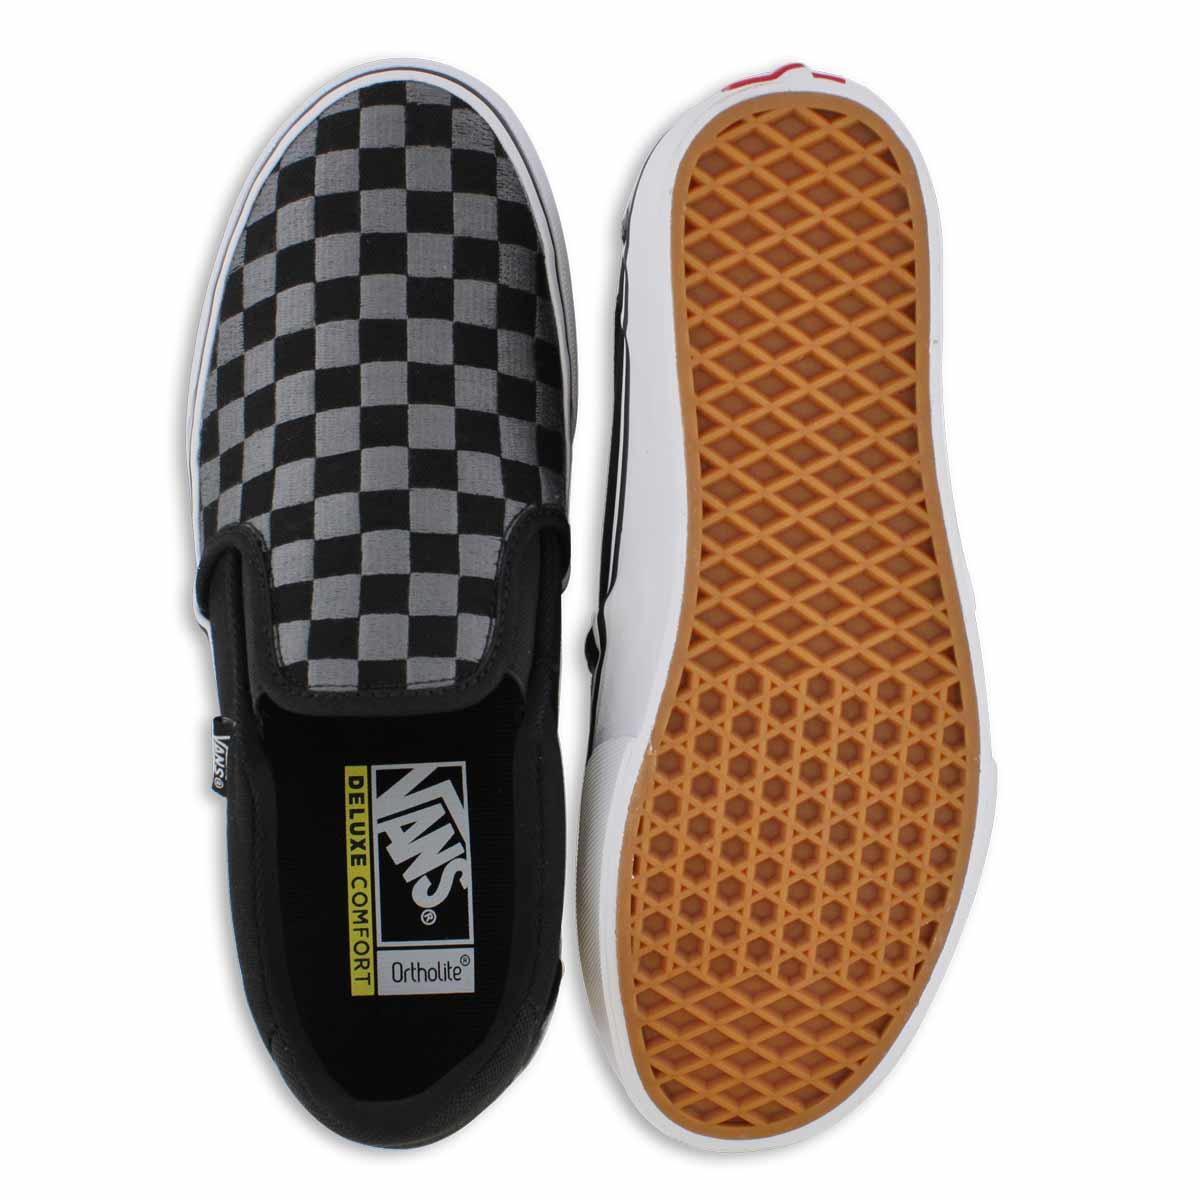 Asher Deluxe Slip On Sneaker   eBay